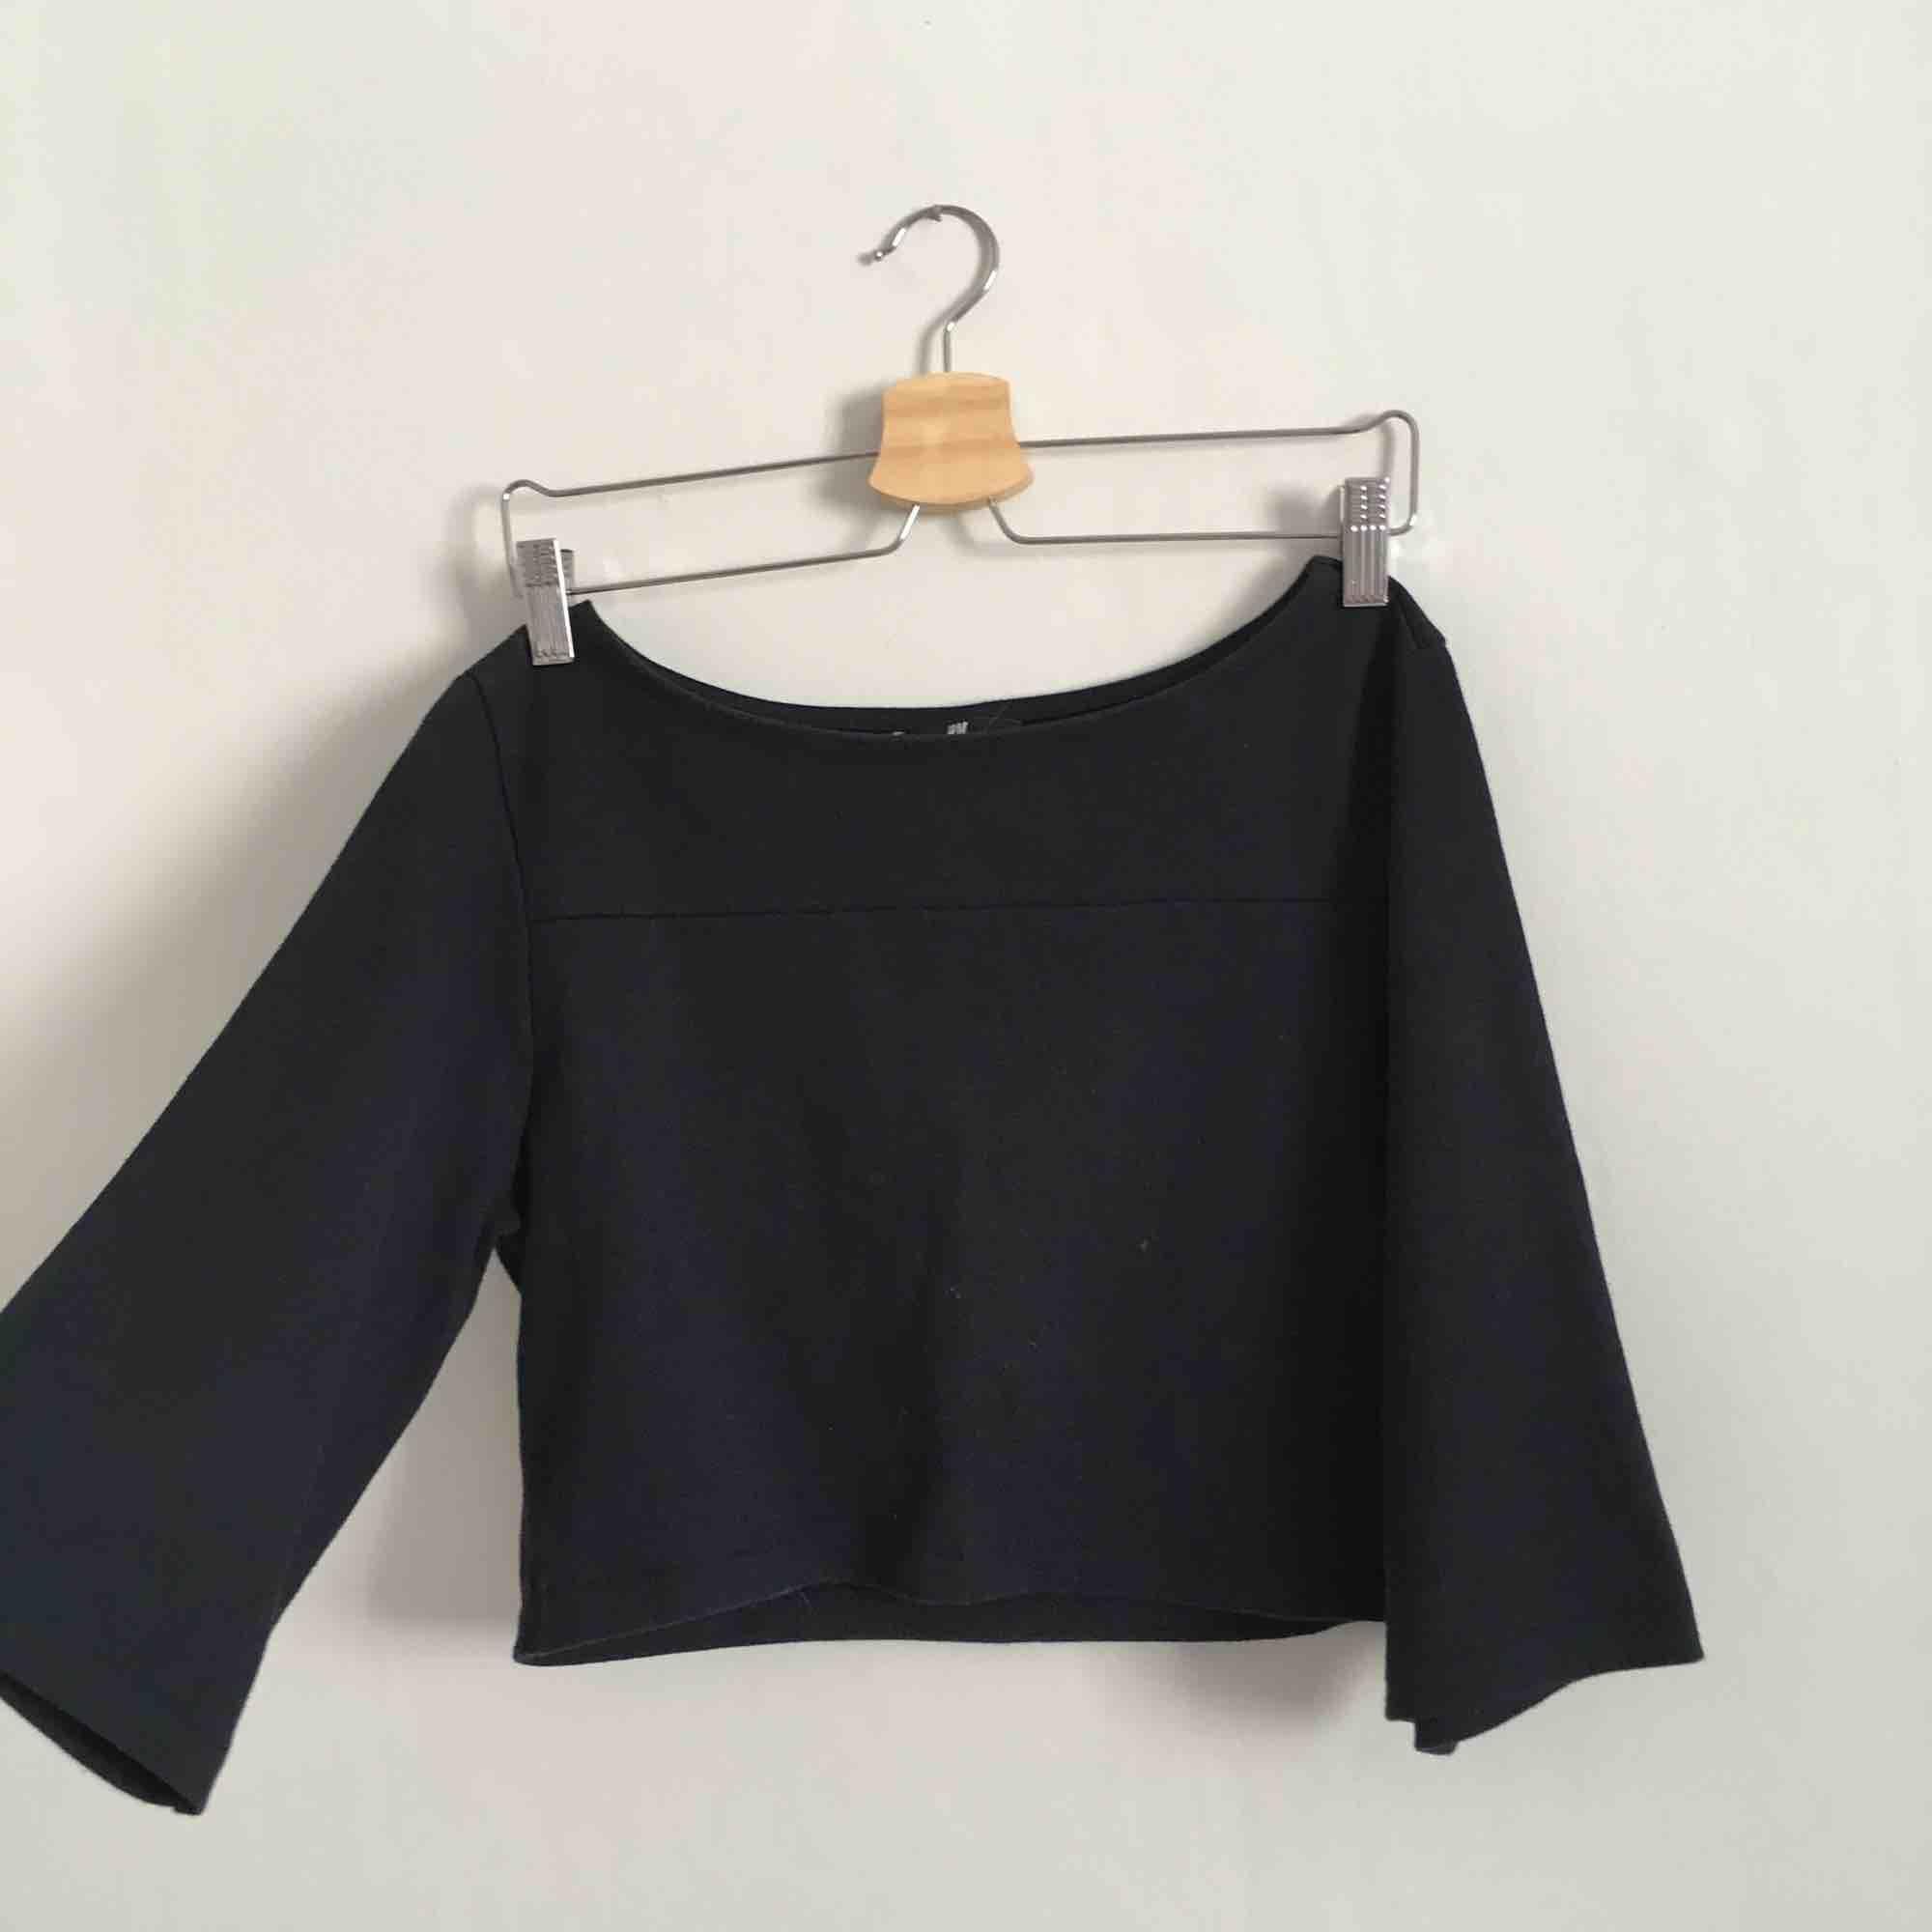 Jättefin mörkblå, typ off sholder tröja! Vid ärm! Väldigt fint skick eftersom jag bara använt den typ 5 gånger eller något sånt!💝 Kontakta vid intresse eller frågor!. Toppar.